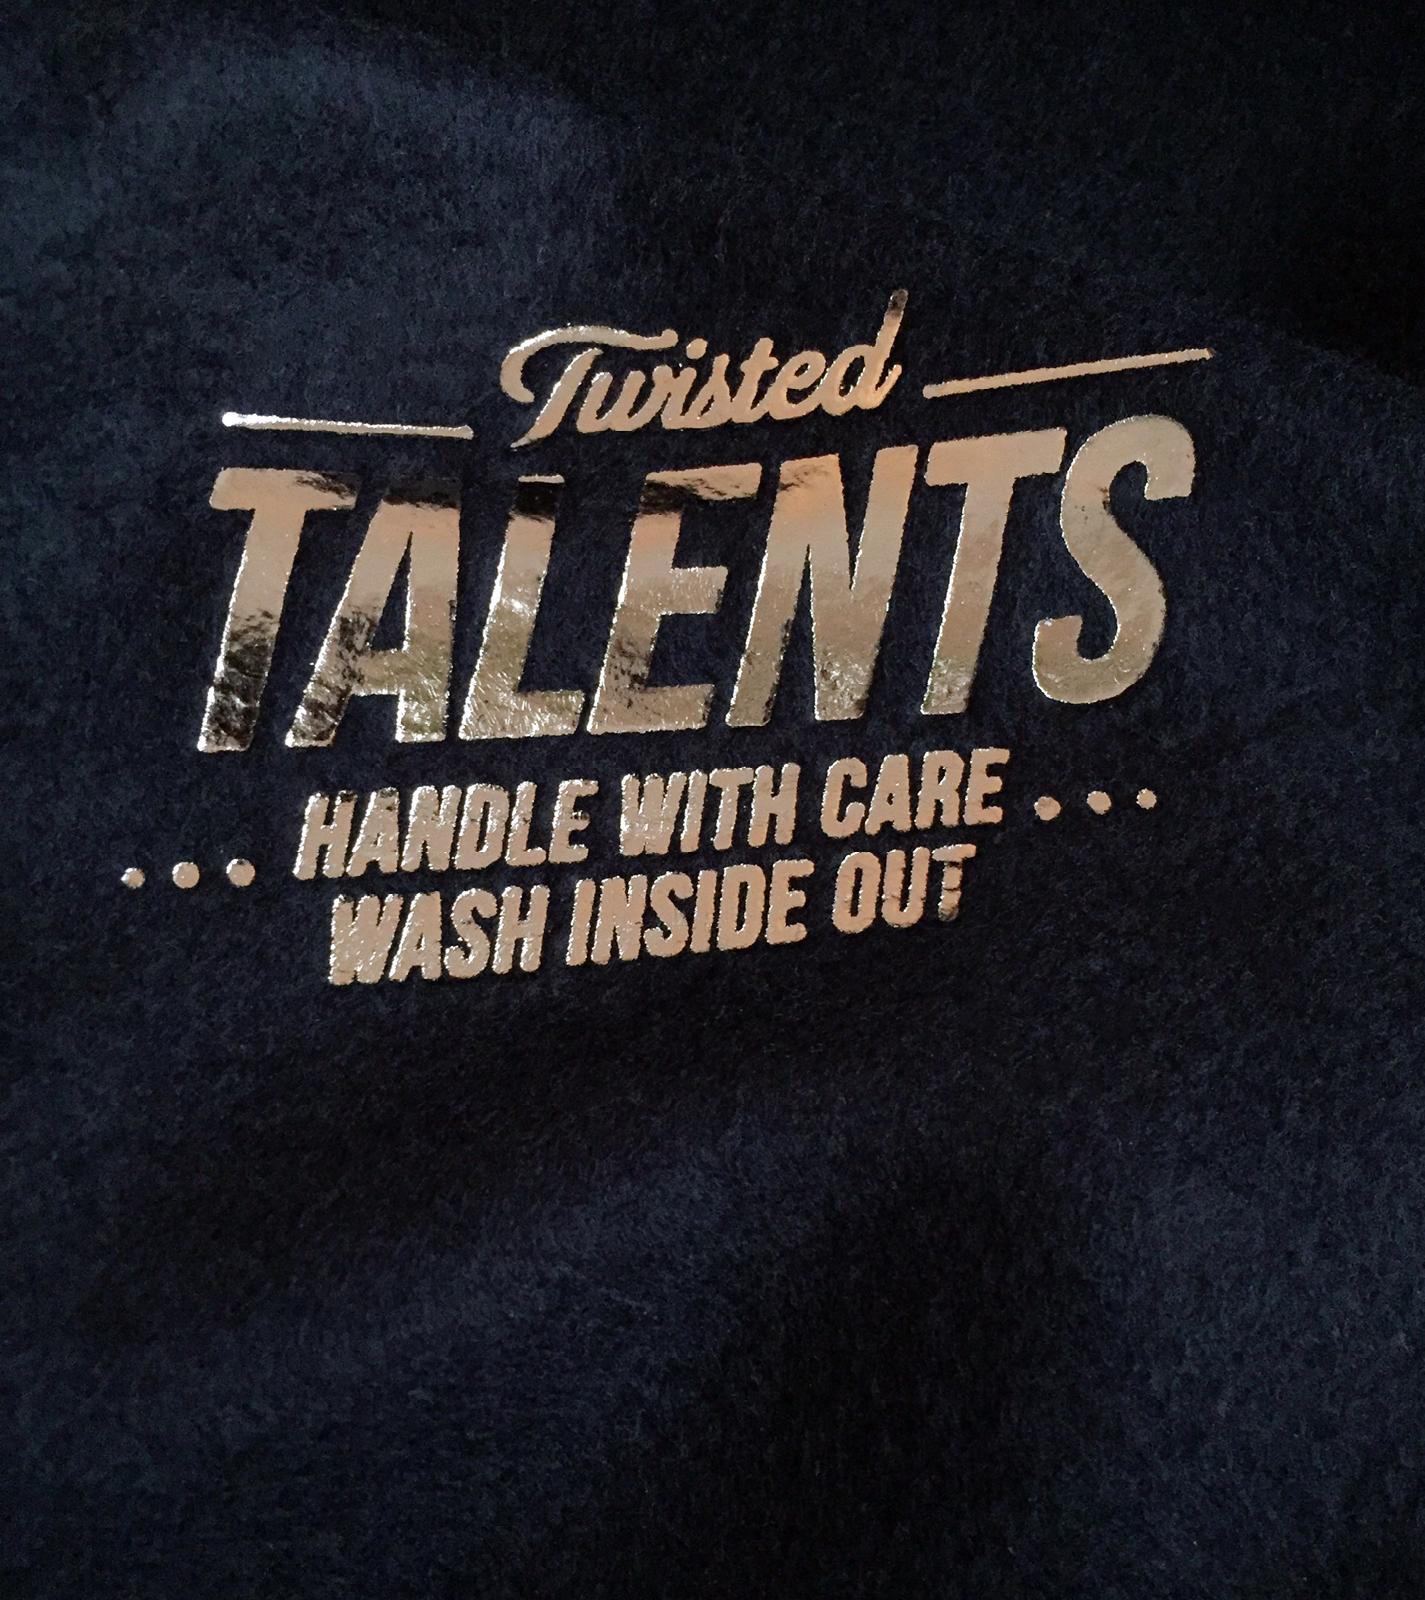 TWISTED TALENTS Graphic Design T-Shirts einfach online kaufen. twstd tlnts